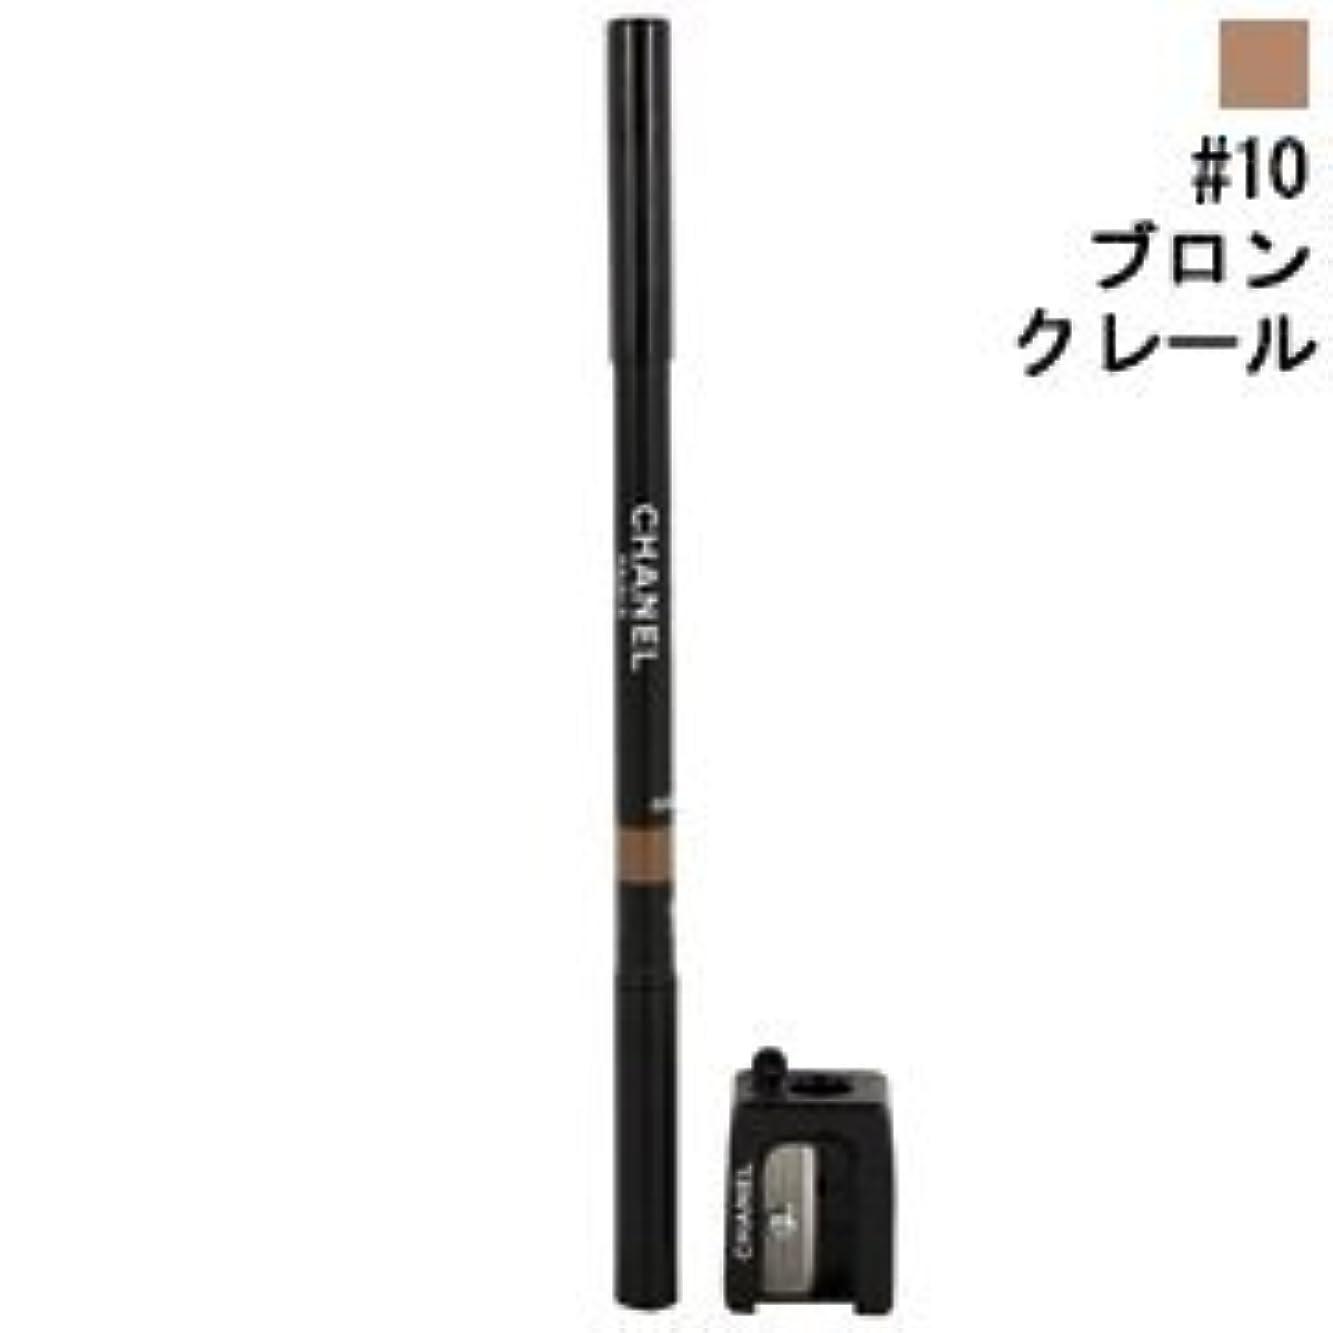 【シャネル】クレイヨン スルスィル #10 ブロン クレール 1g (並行輸入品)